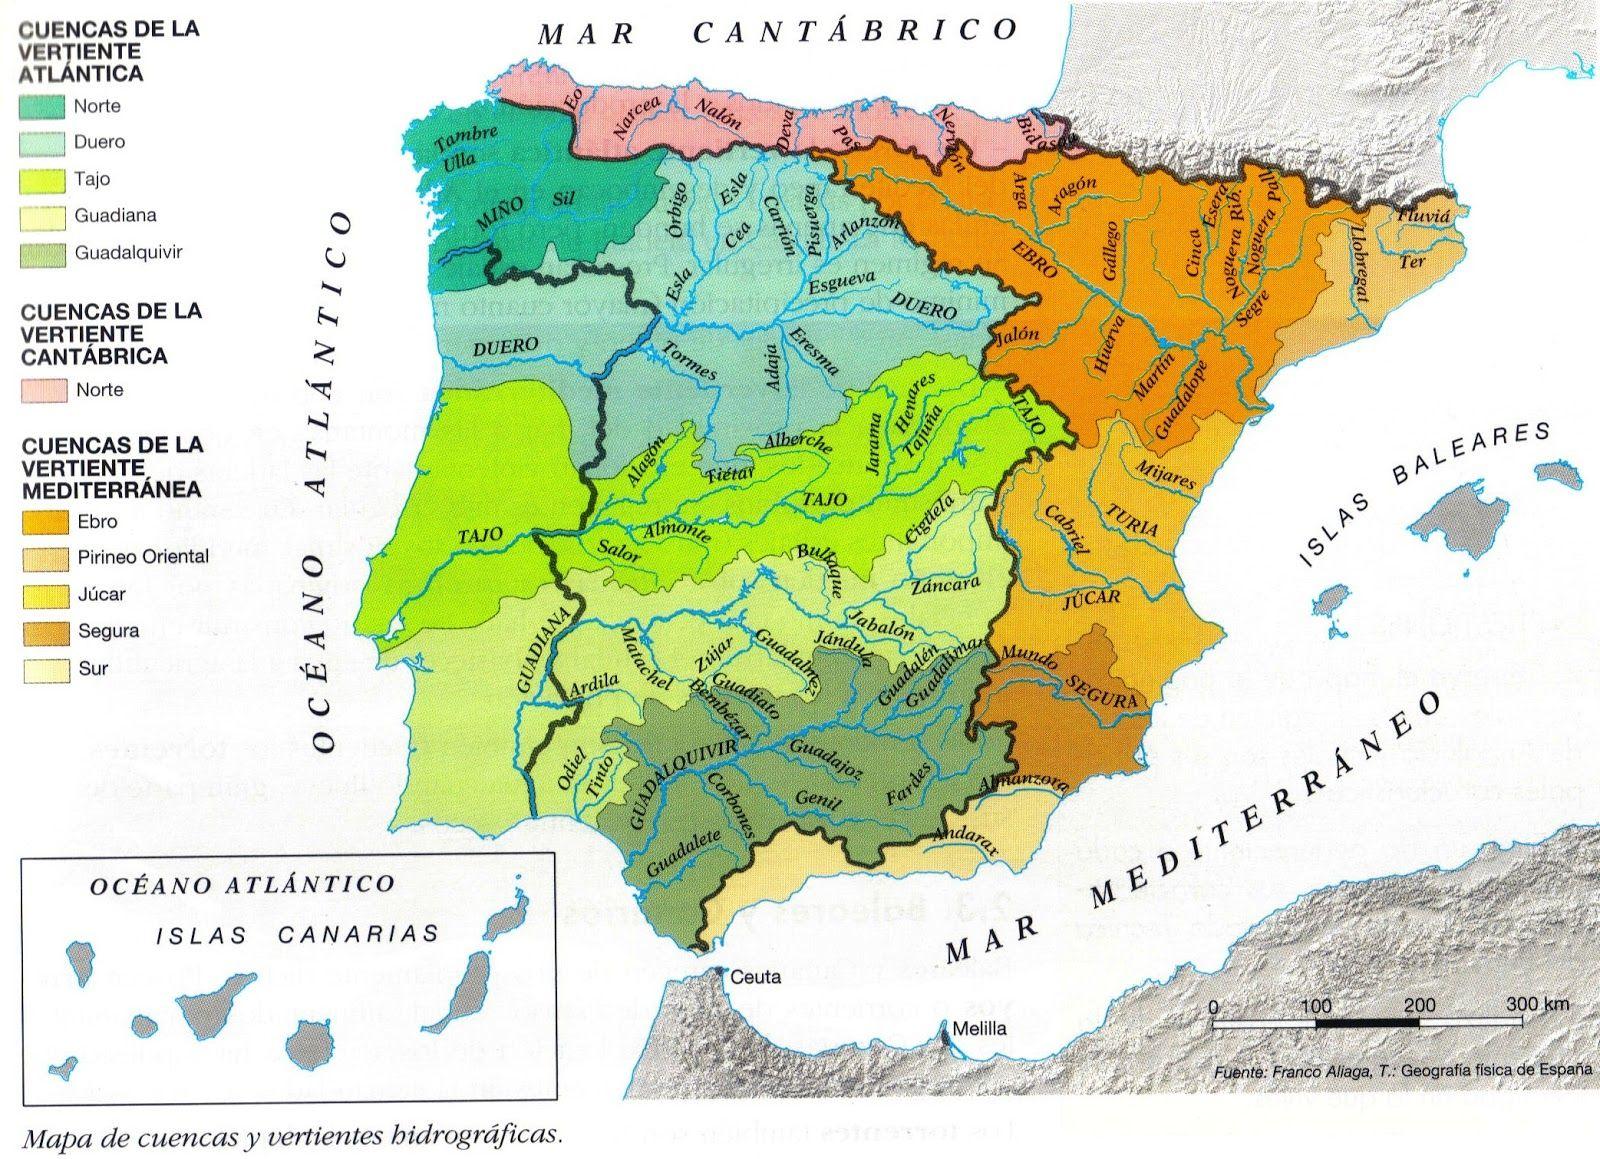 El territorio espaol esta baado por tres cuencas o vertientes